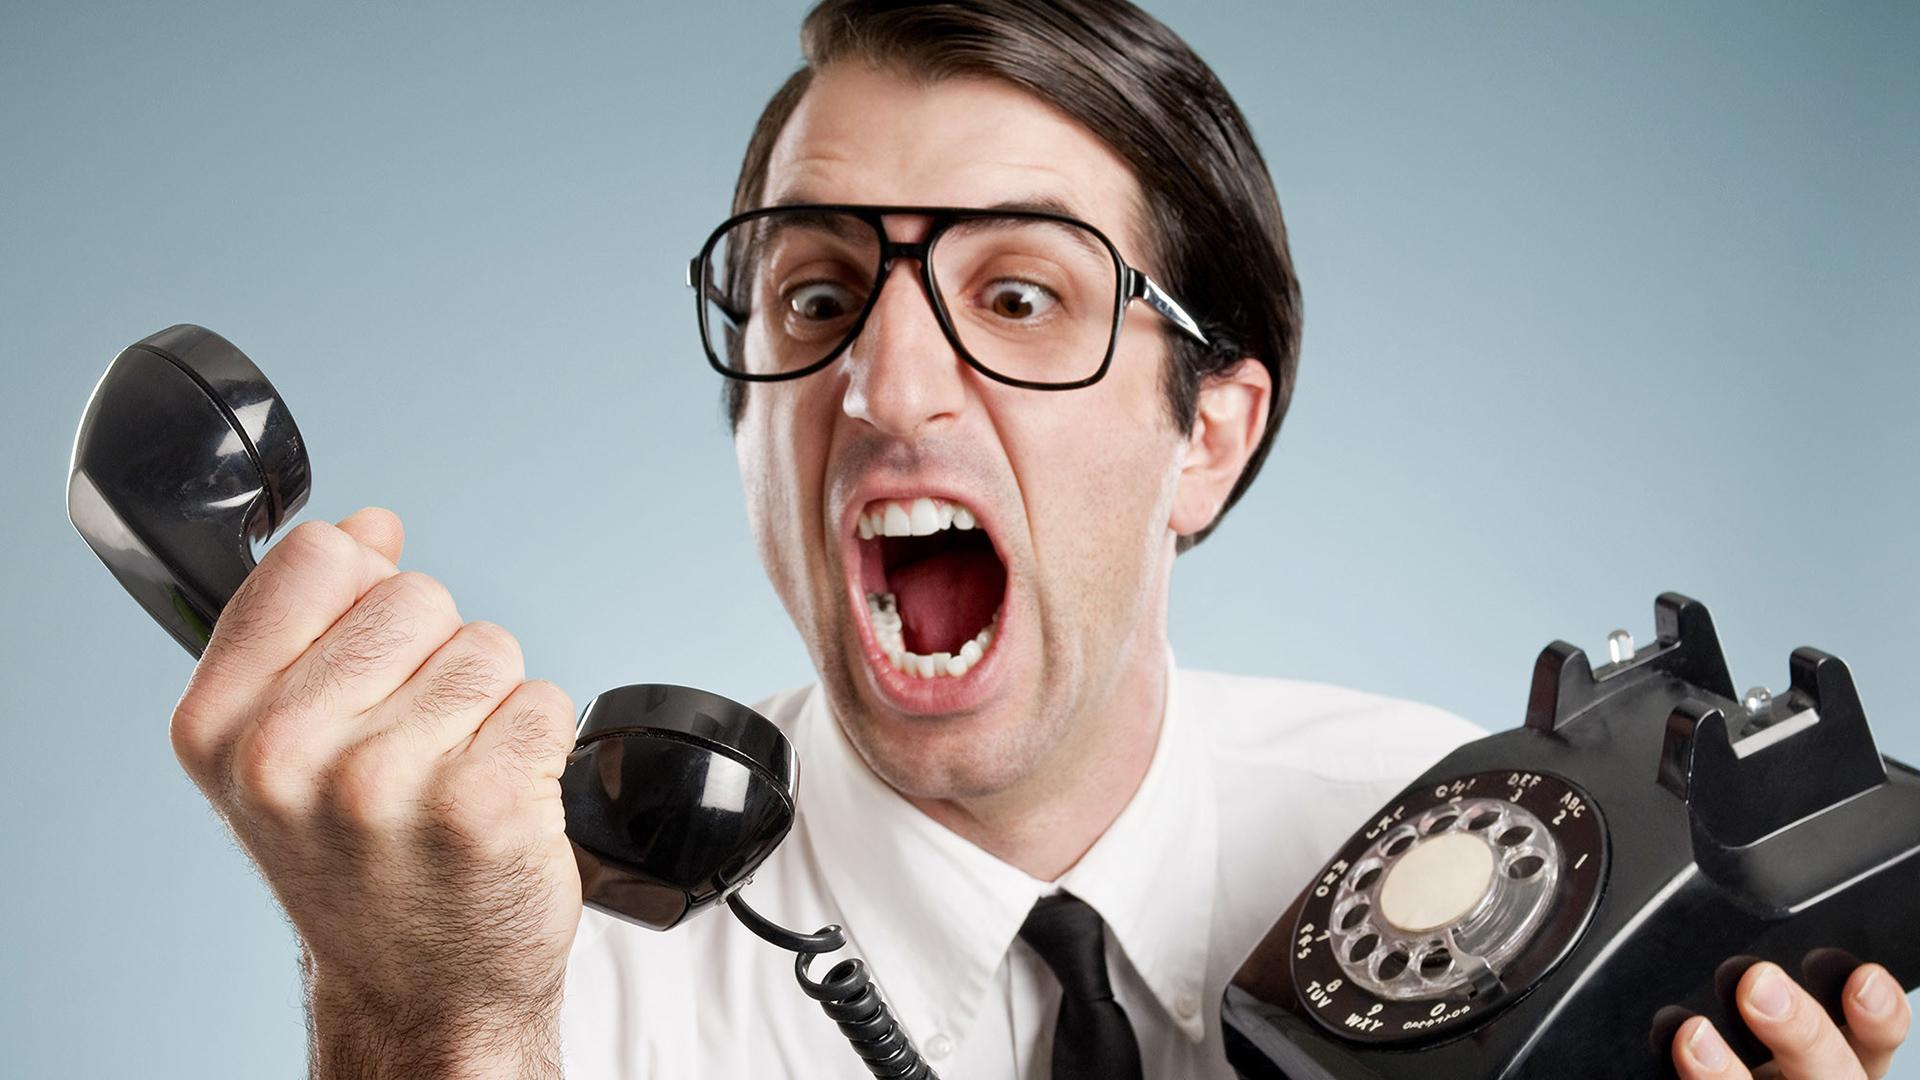 Звонить не надо, пишите! Почему фрилансеру не нужны созвоны с клиентом